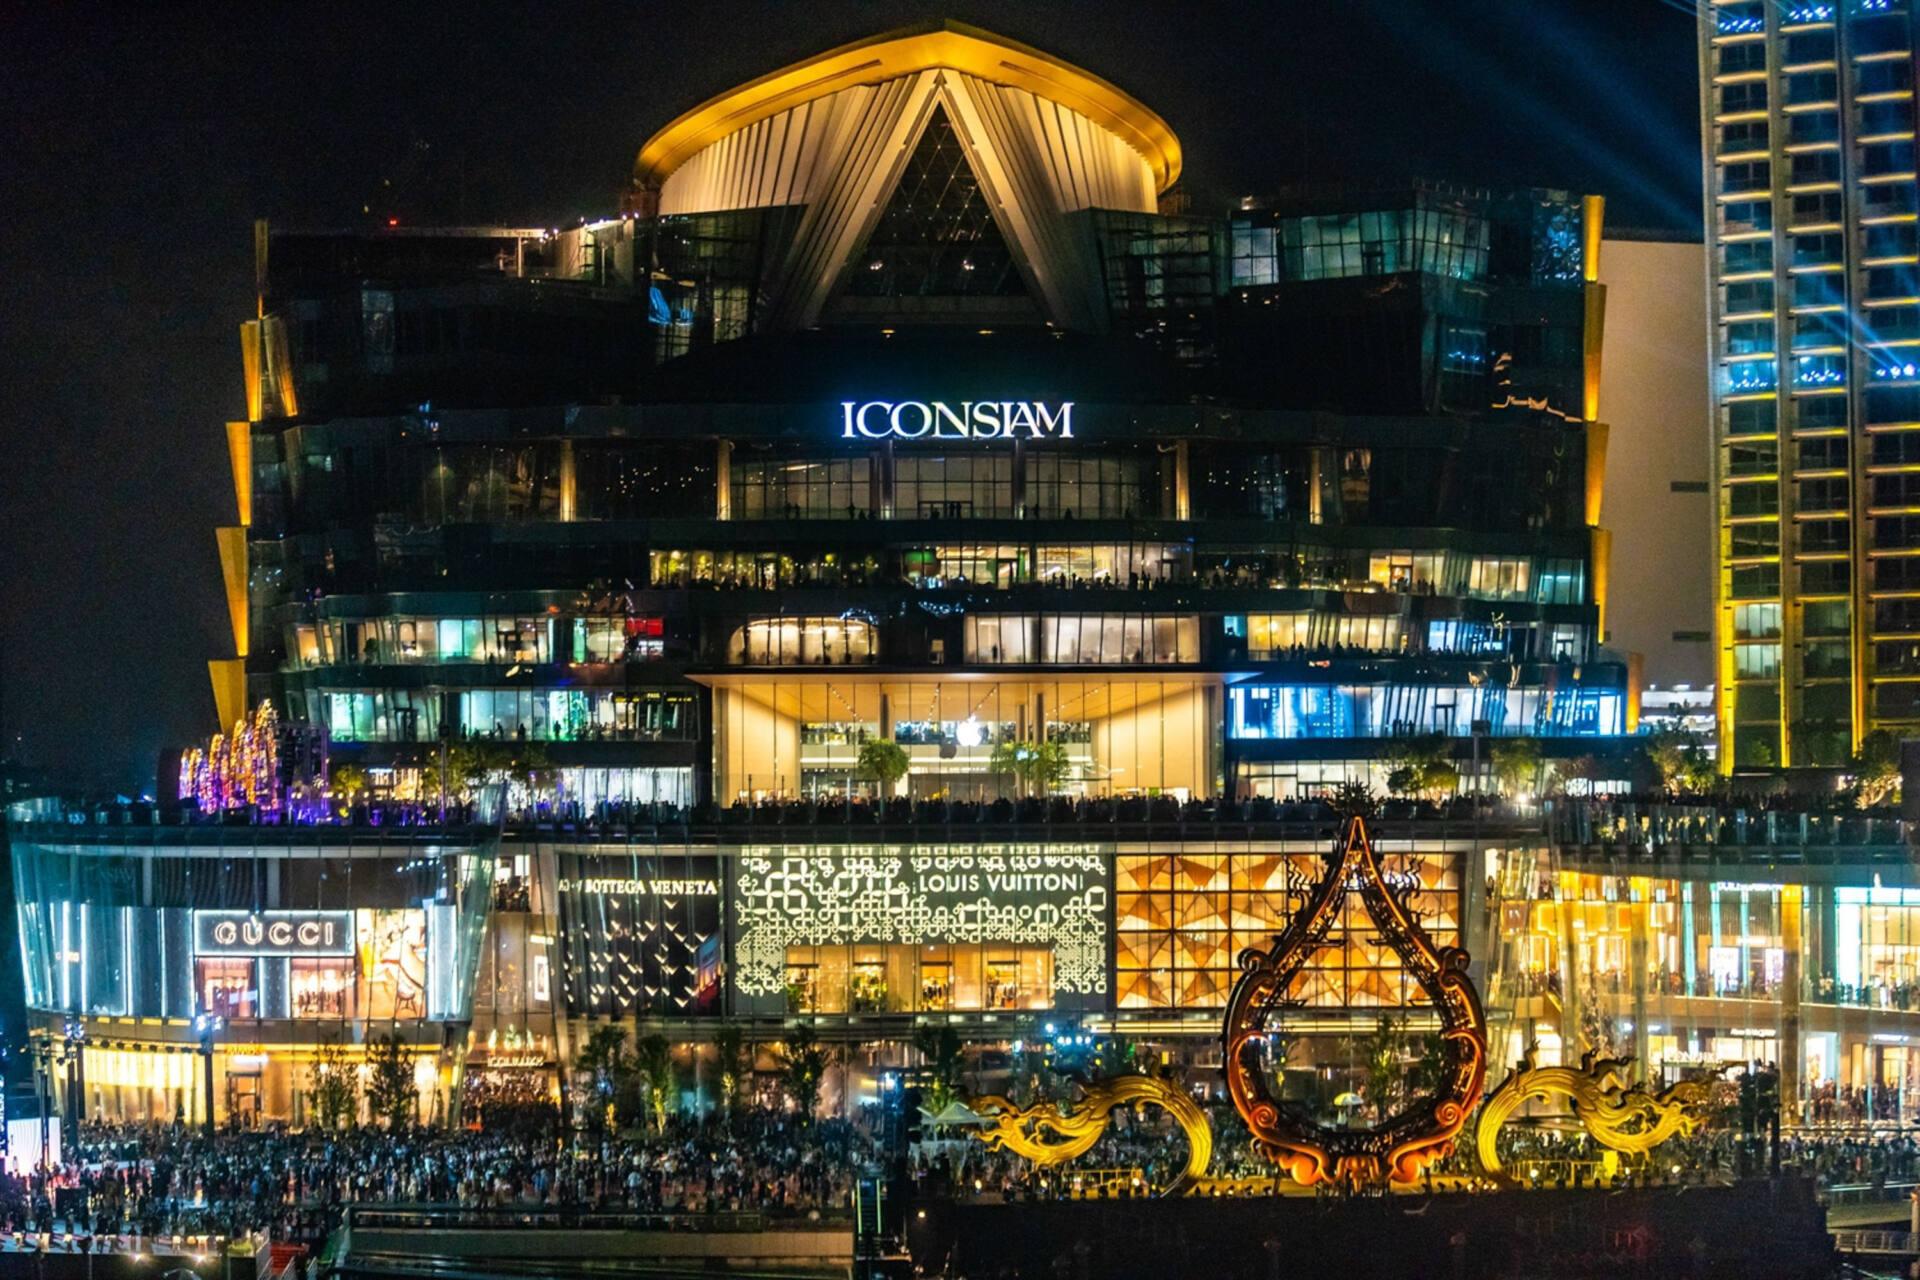 สถานที่ท่องเที่ยวกรุงเทพ, ท่องเที่ยวกรุงเทพ, เที่ยวกรุงเทพ, เช่ารถกรุงเทพ